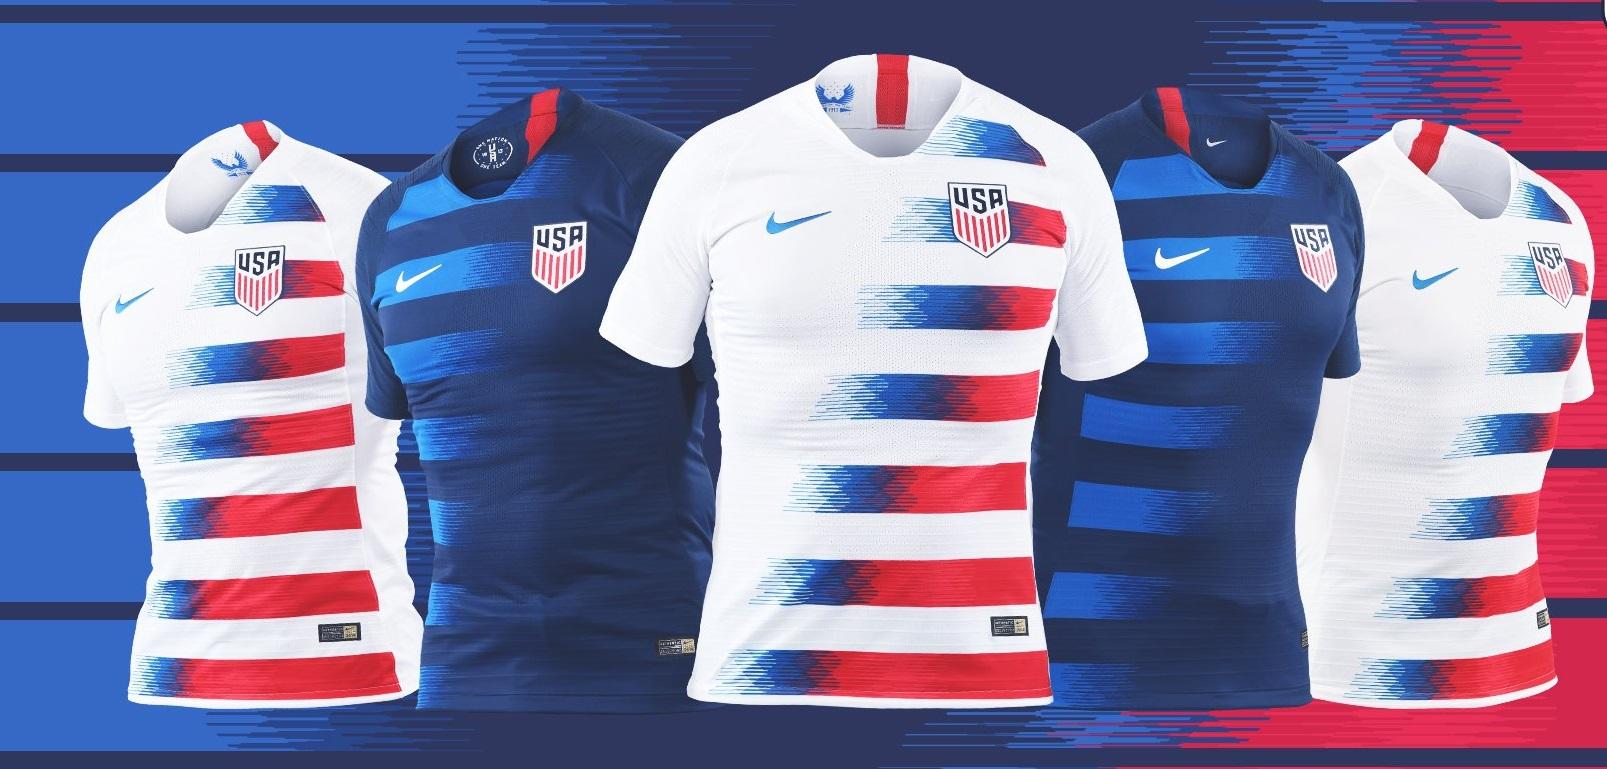 8e1c6dfbc11 USA 2018 19 Nike Home and Away Jerseys - FOOTBALL FASHION.ORG